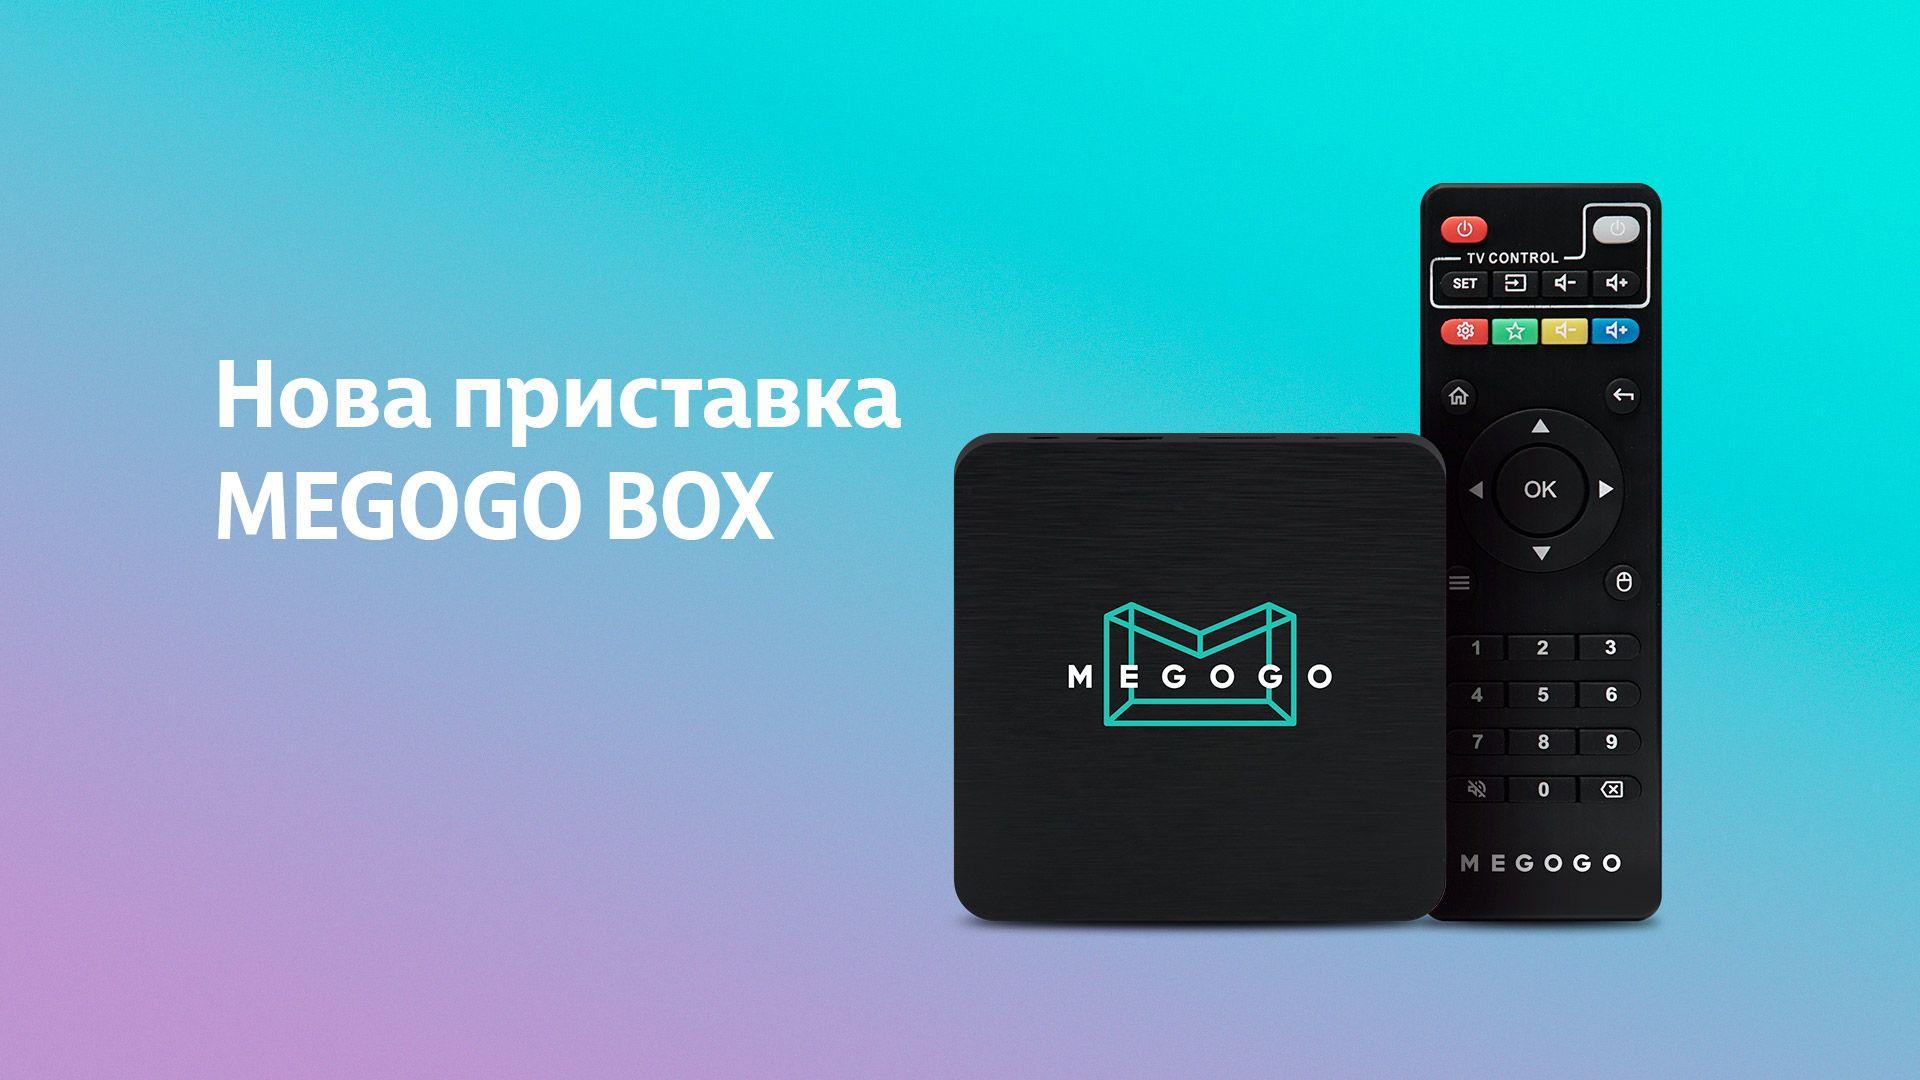 MEGOGO BOX